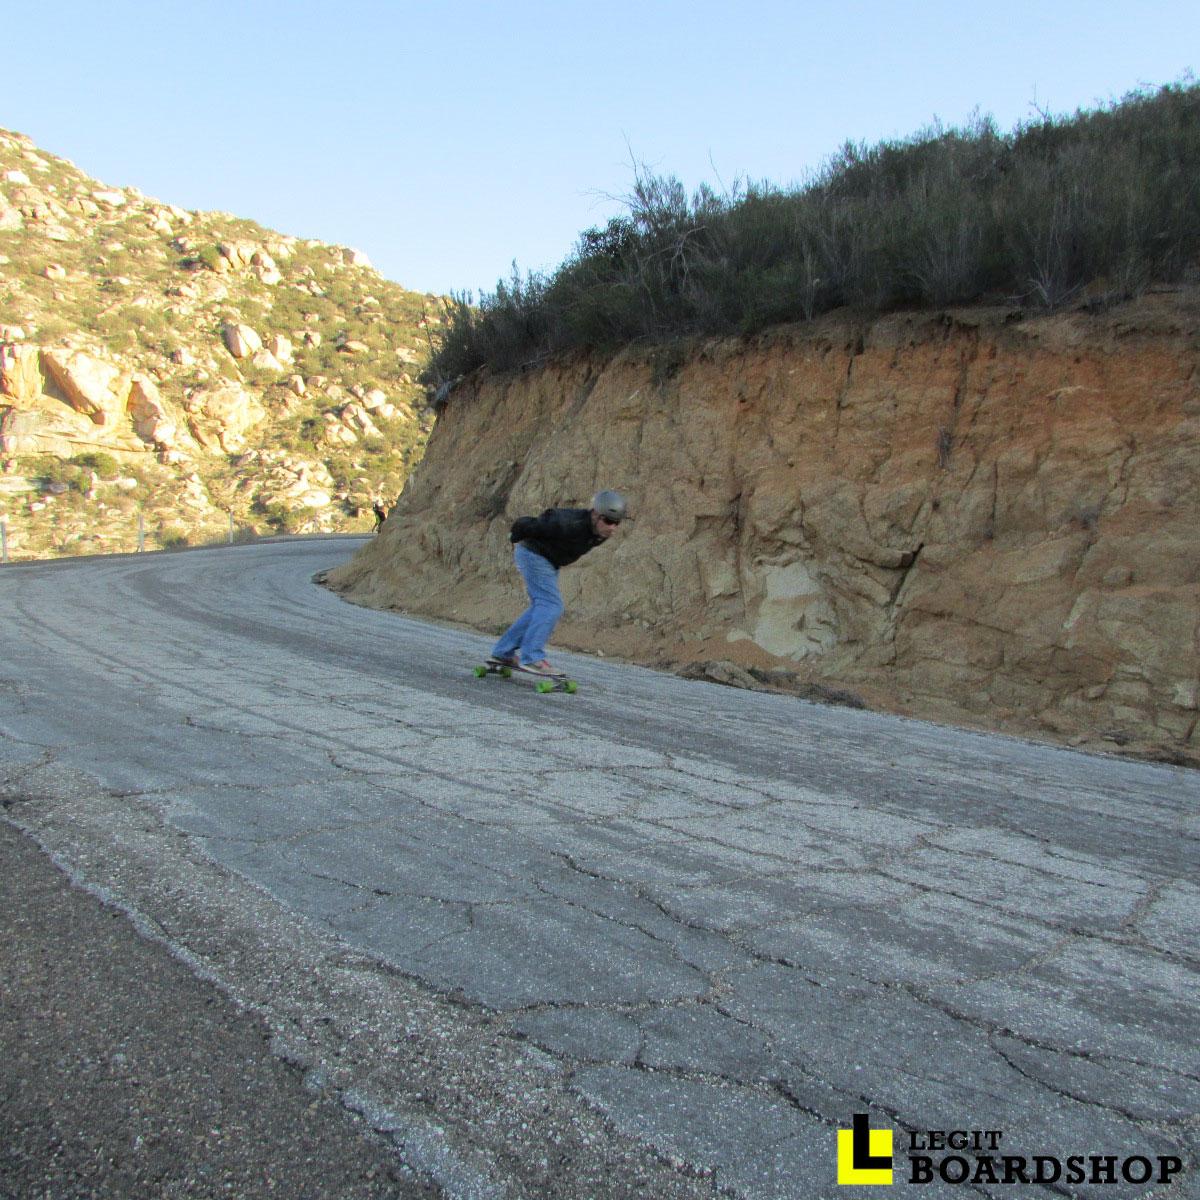 barrett-junction-outlaw-event-downhill-longboarding-tuck-46.jpg